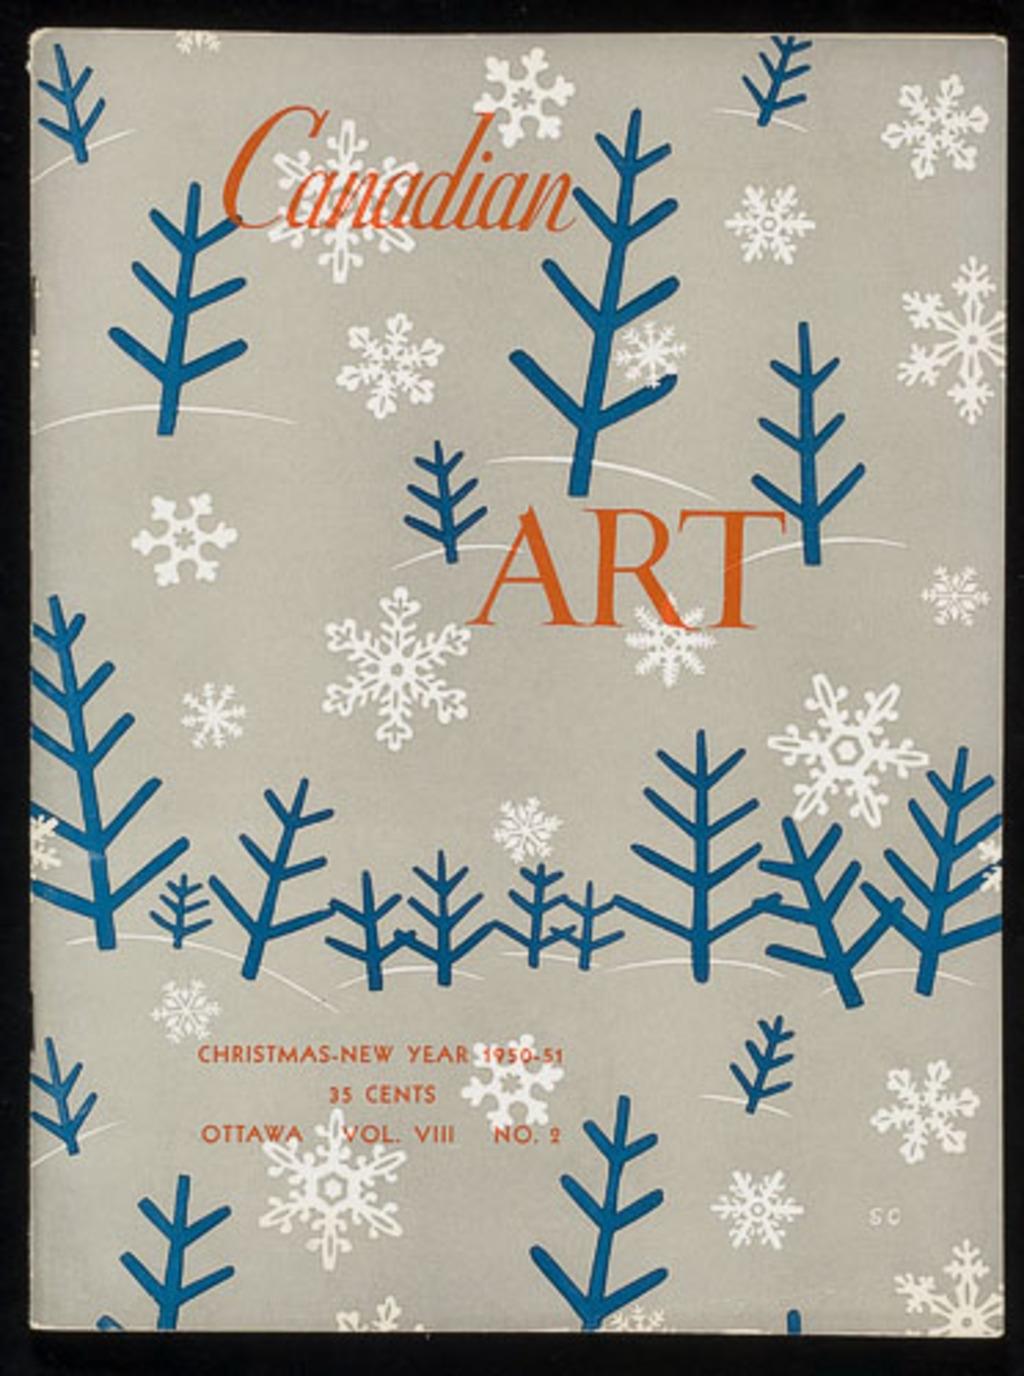 Couverture du Canadian Art, vol. VIII, nº 2